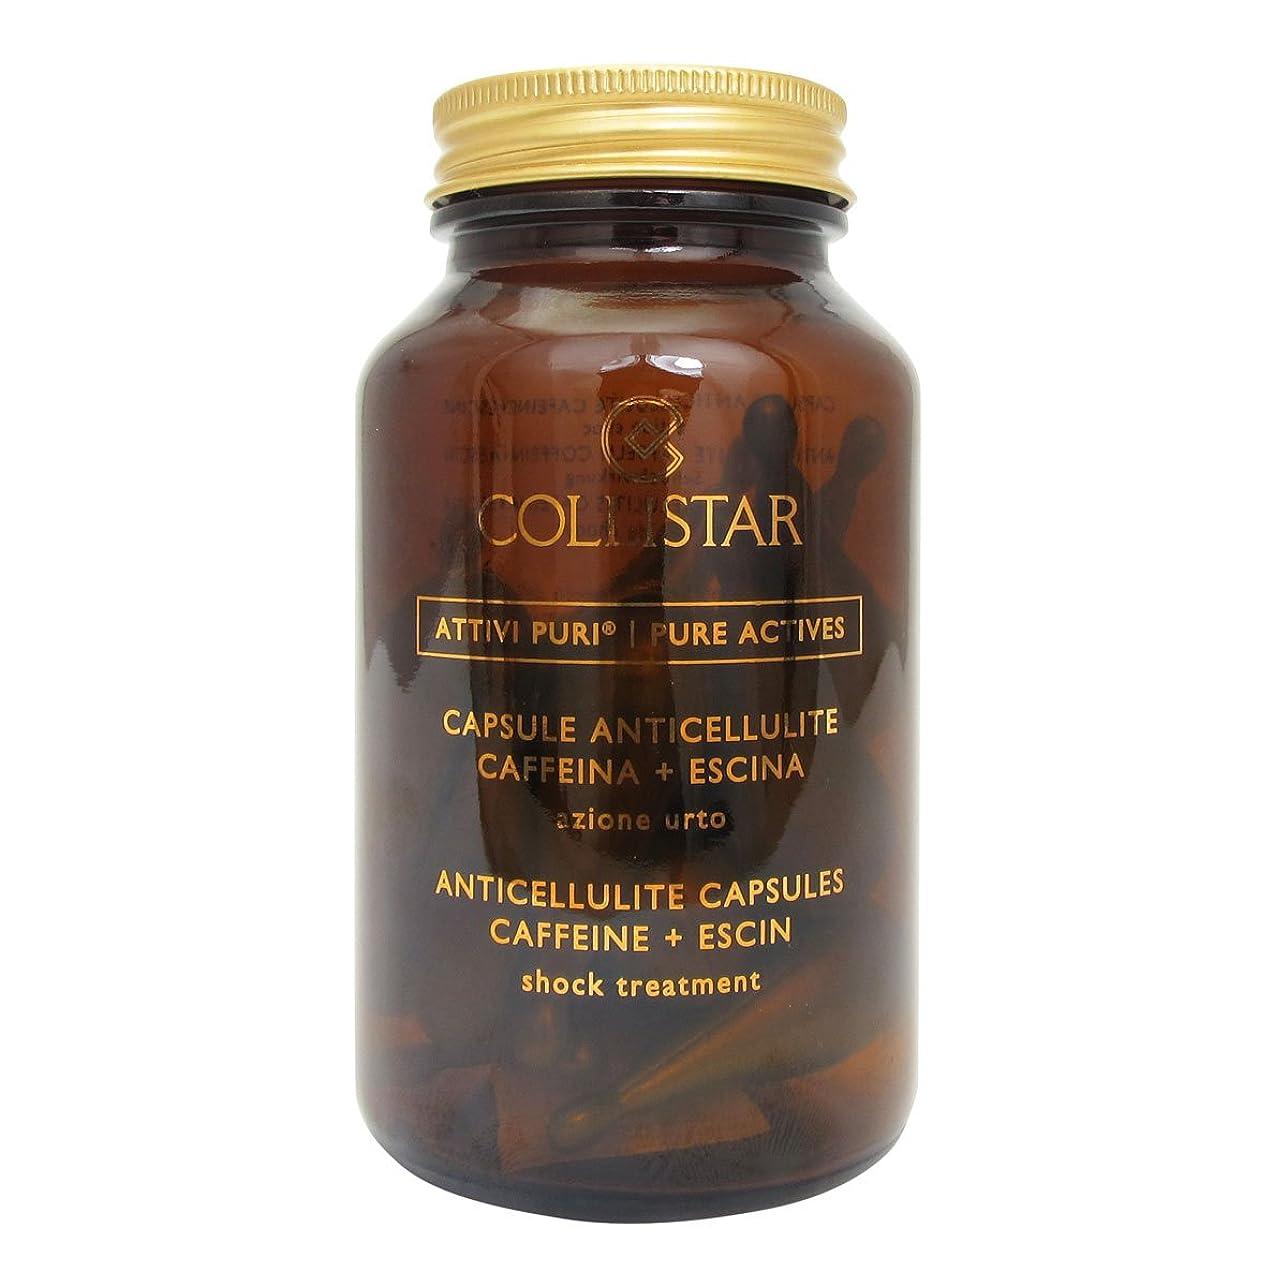 代名詞アドバイスカビCollistar Anticellulite Capsules Caffeine+ Escin 14 Capsules [並行輸入品]